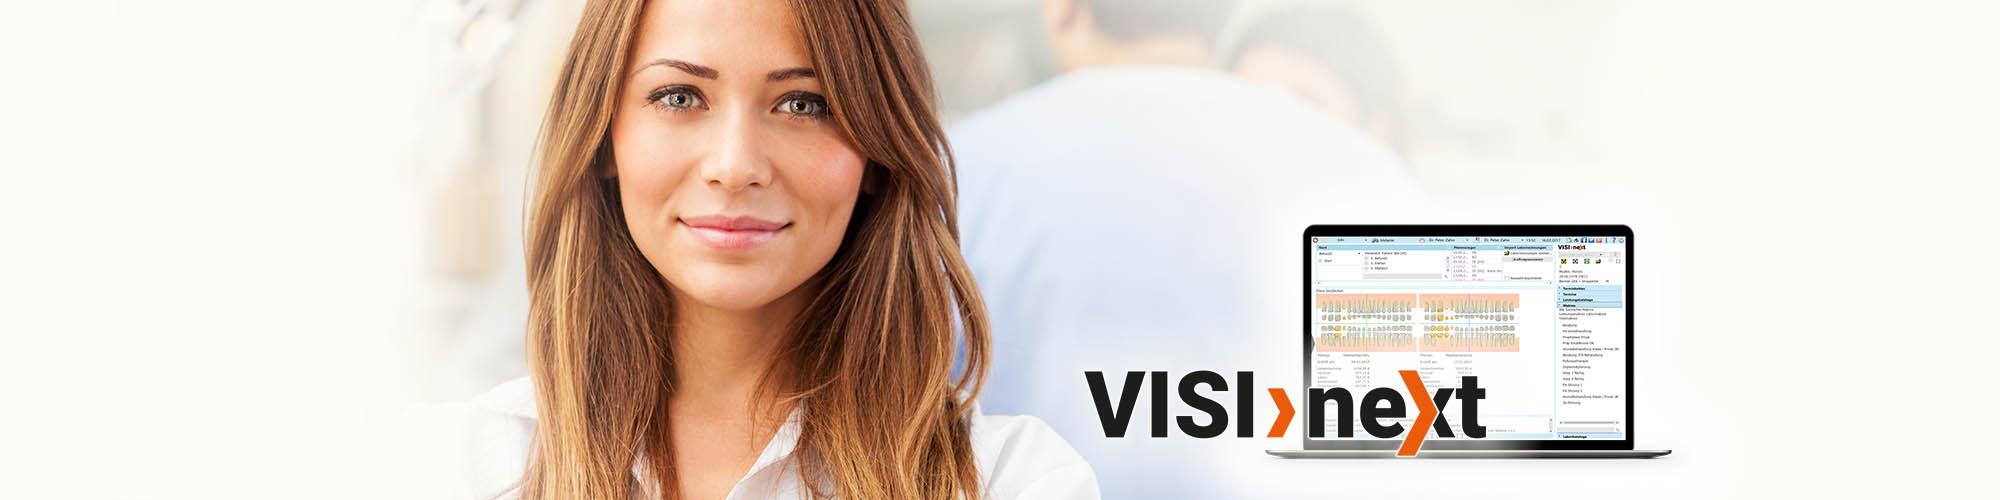 VISInext Praxismanagement Software für Zahnärzte - BDV Branchen-Daten-Verarbeitung GmbH